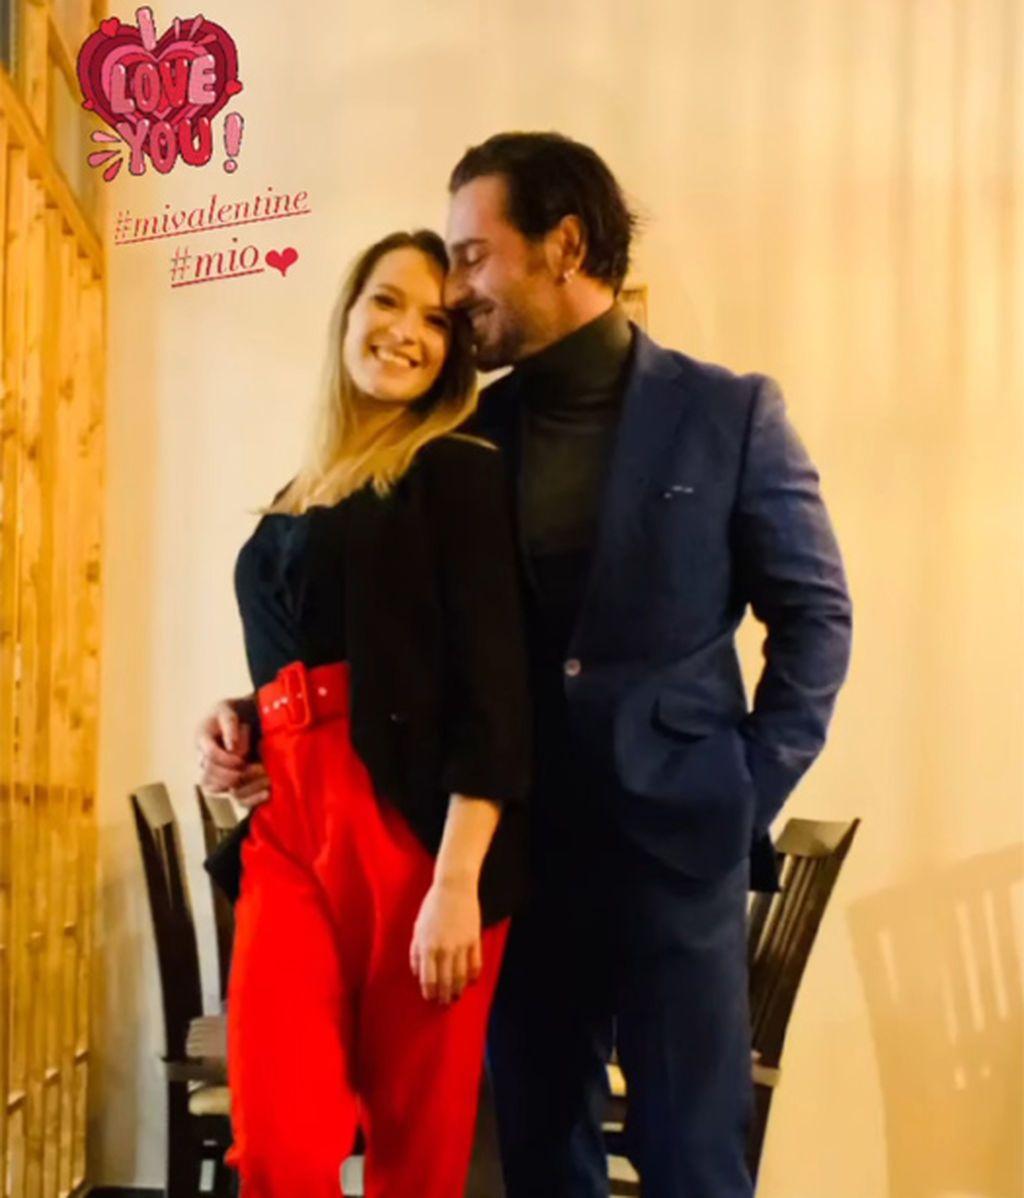 La felicitación de San Valentín de Yana a Bustamante